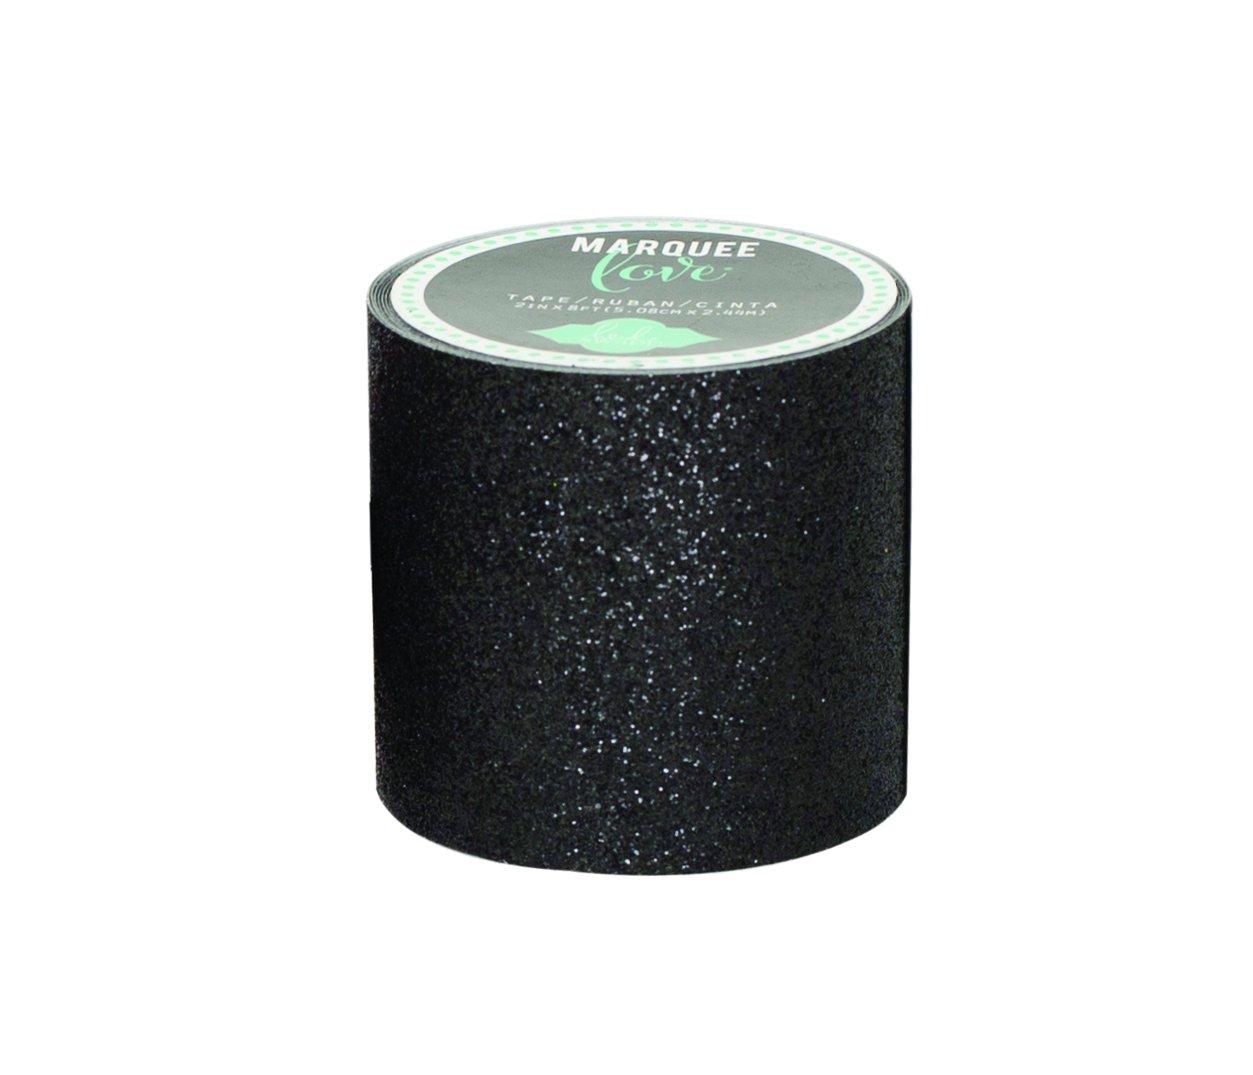 American Heidi Swapp Marquee Love Crafts-Nastro Washi Tape, 2', colore: nero Glitter, 2,44 Meters - 2 American Crafts 369442